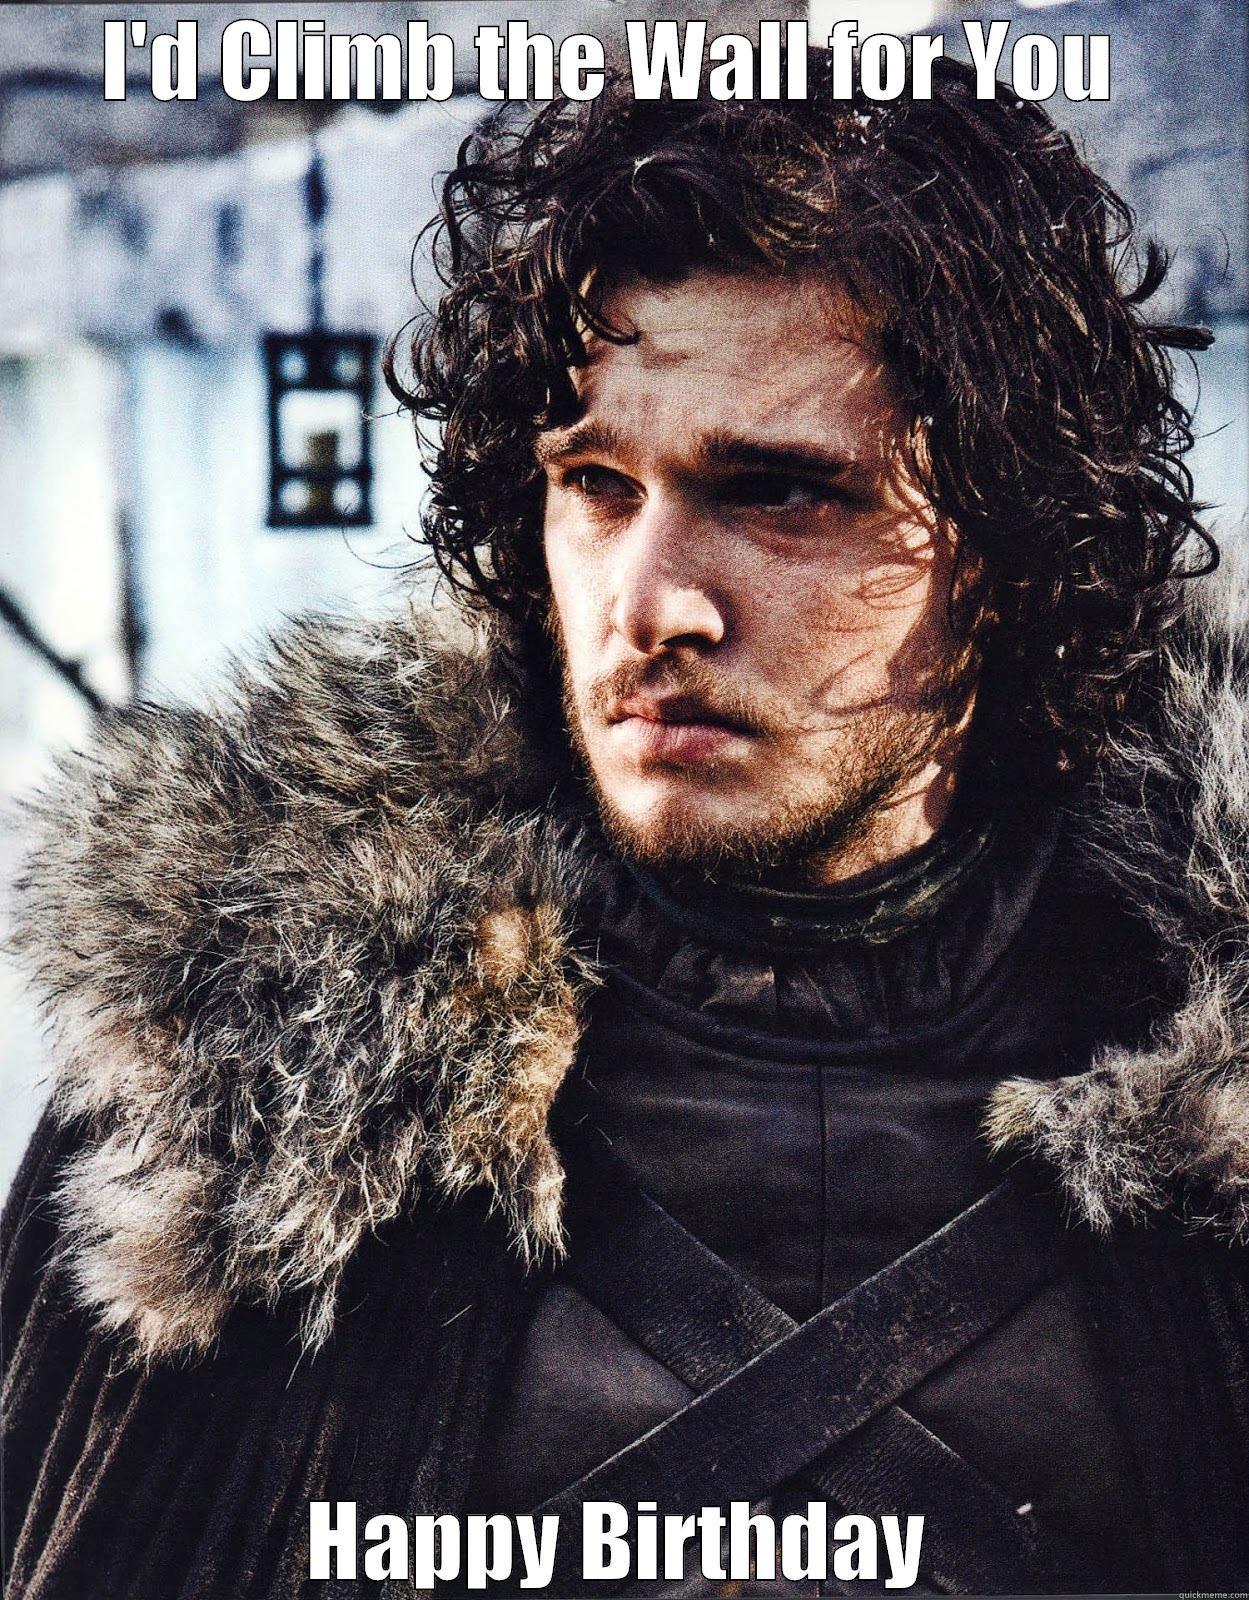 Funny Happy Birthday Meme Game Of Thrones : Suave jon snow quickmeme